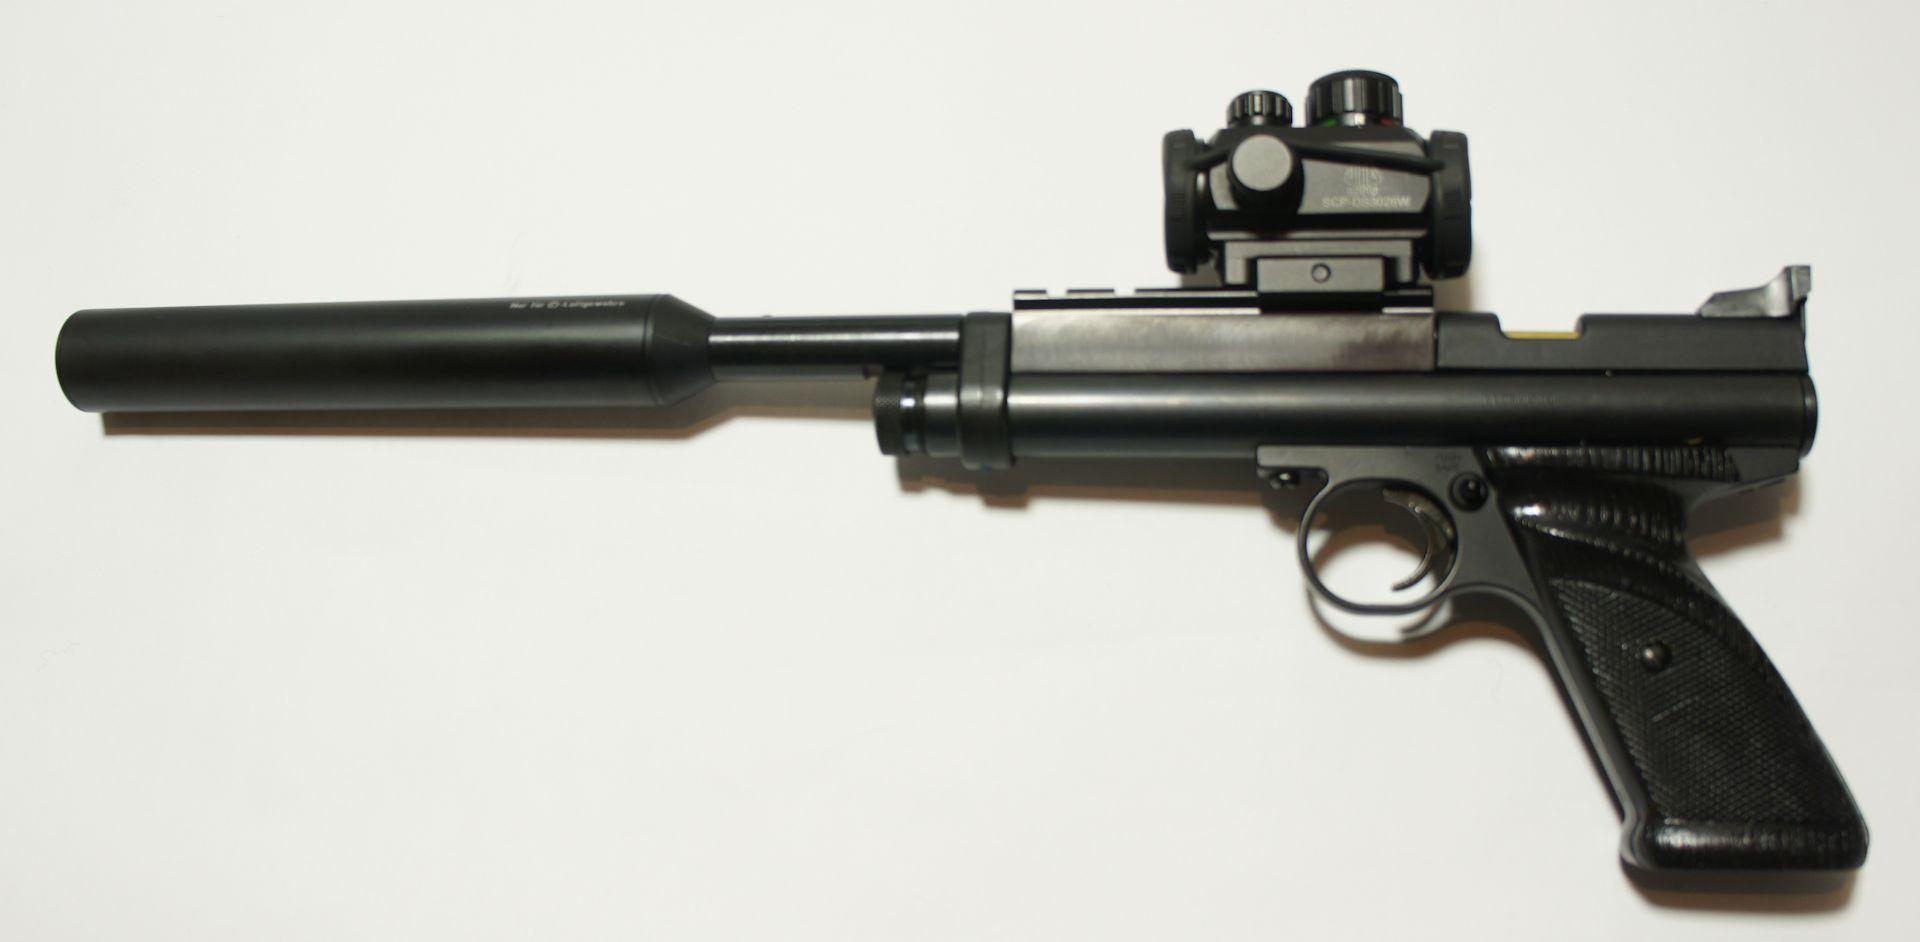 Montagebeispiel auf CO2 an CO2 Pistole Crosman 2240 mit einem <a href=1130221.htm>Leuchtpunktvisier der Marke UTG</a>